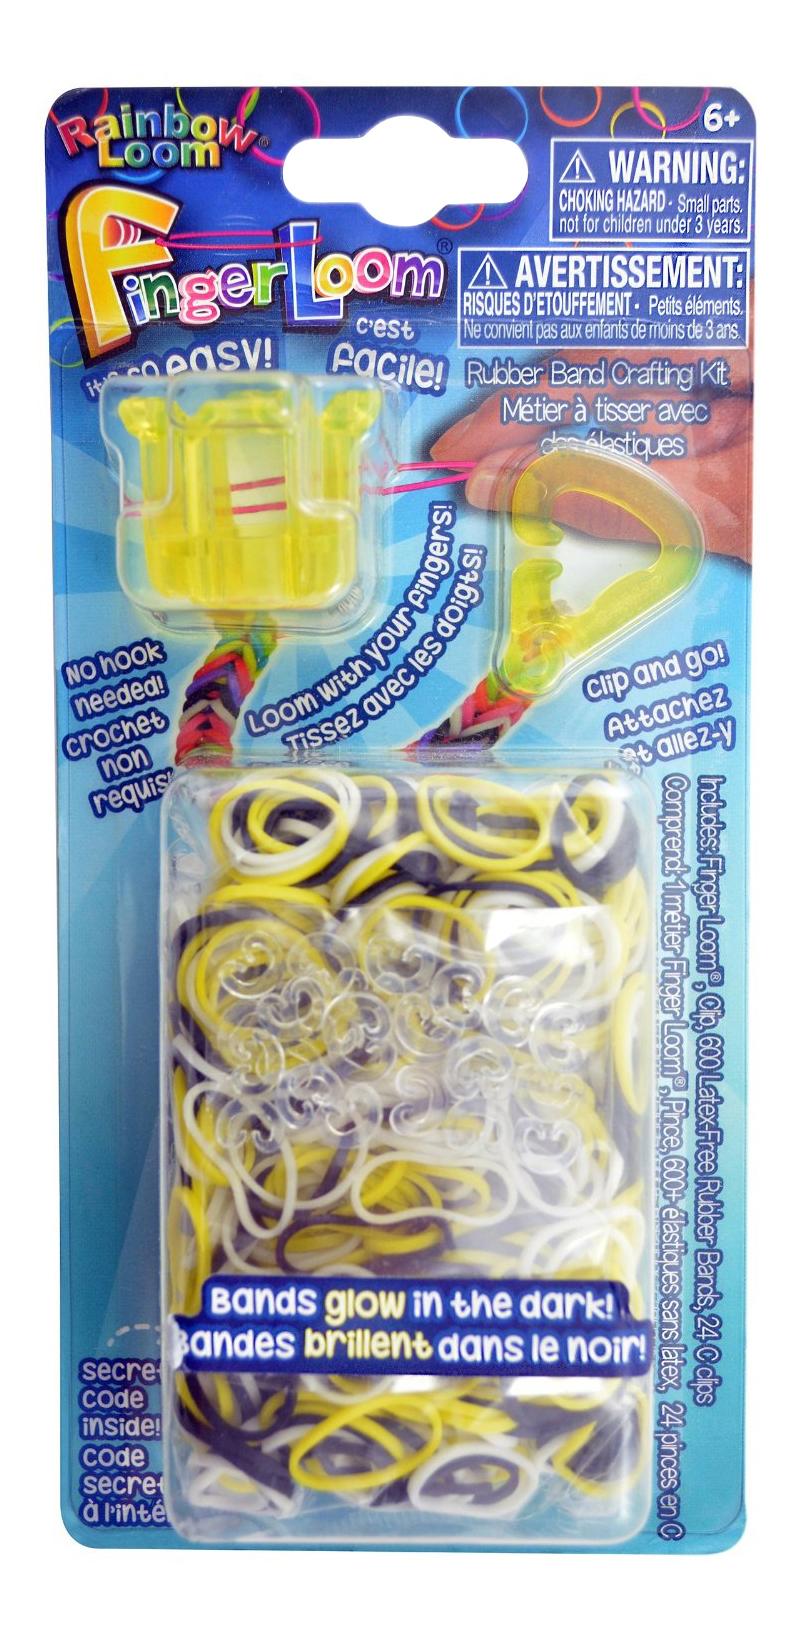 Плетение из резинок Rainbow Loom Фингер Лум жёлтый